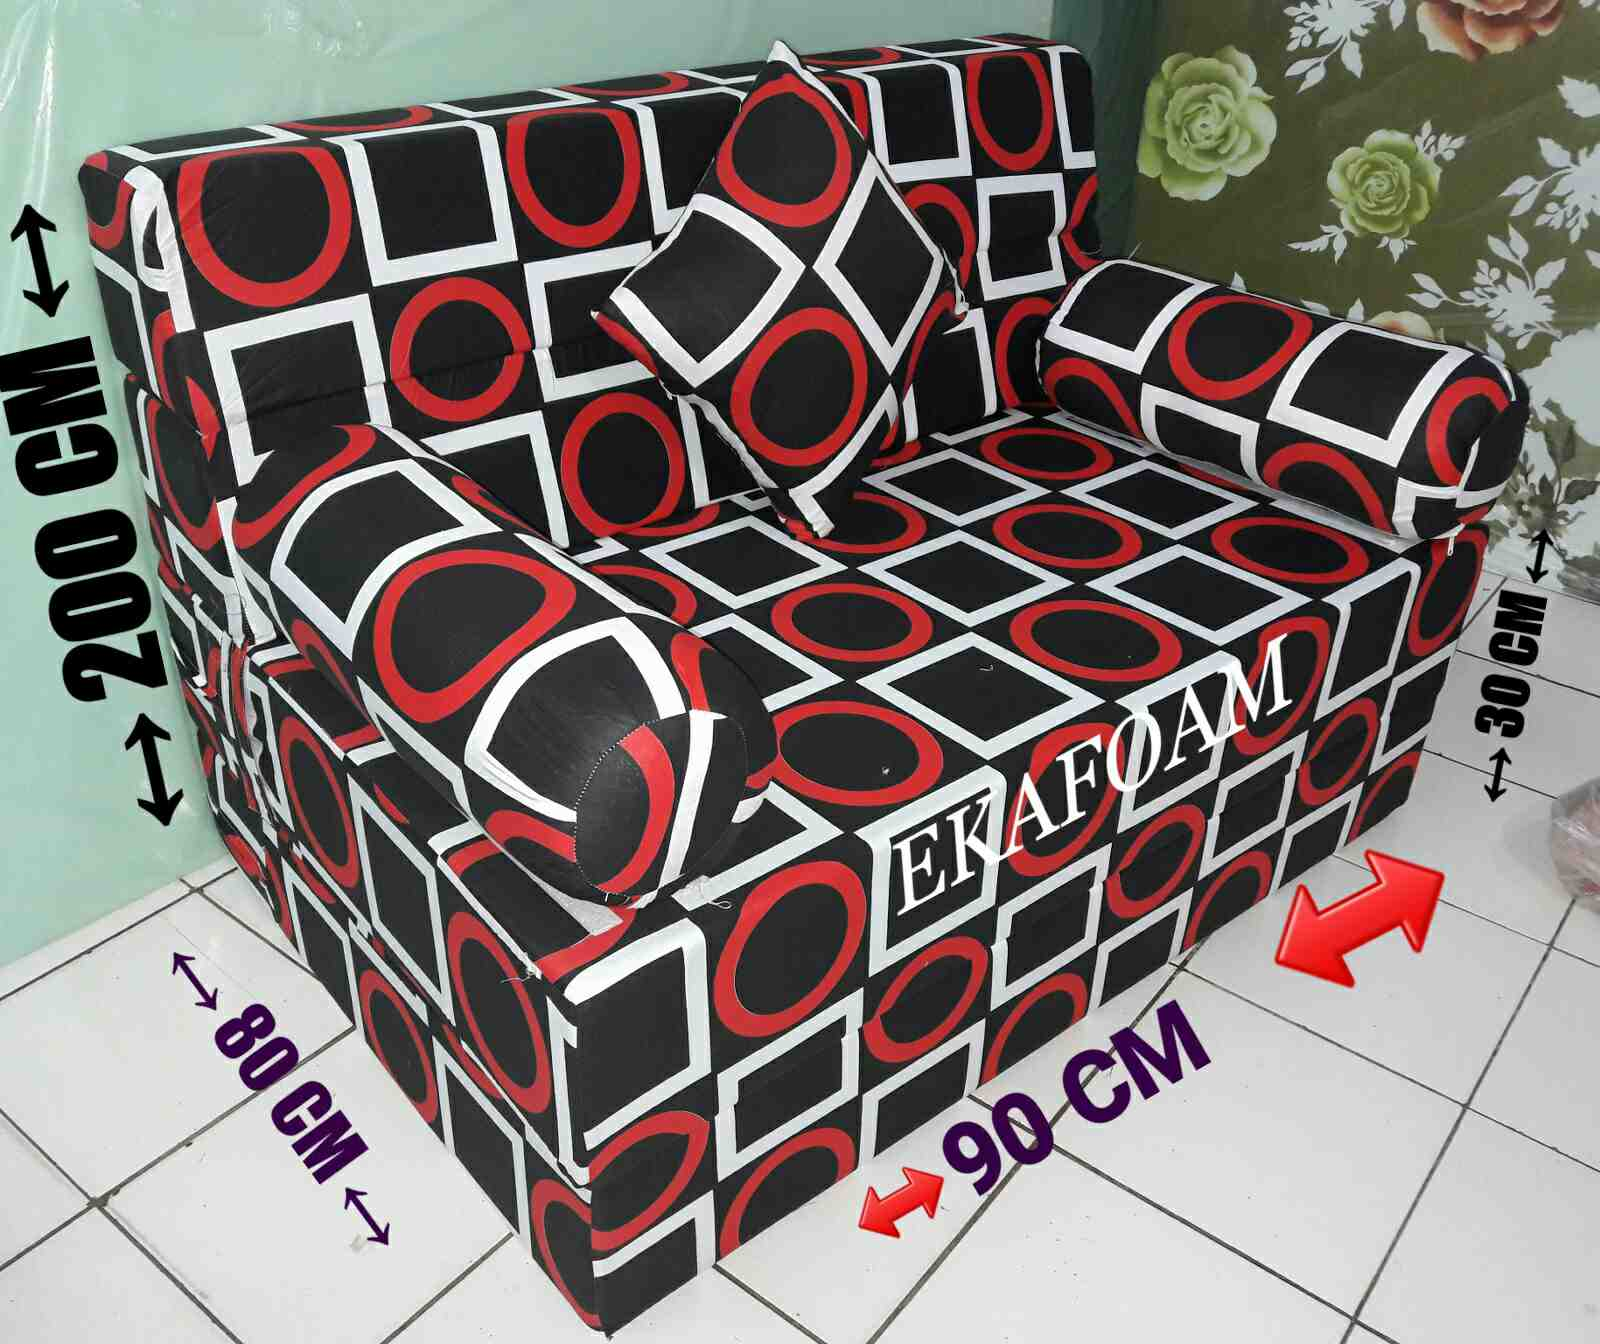 Harga Sofa Bed Inoac No 1 Sets Home Furniture Kasur Terbaru Oktober 2018 Agen Busa